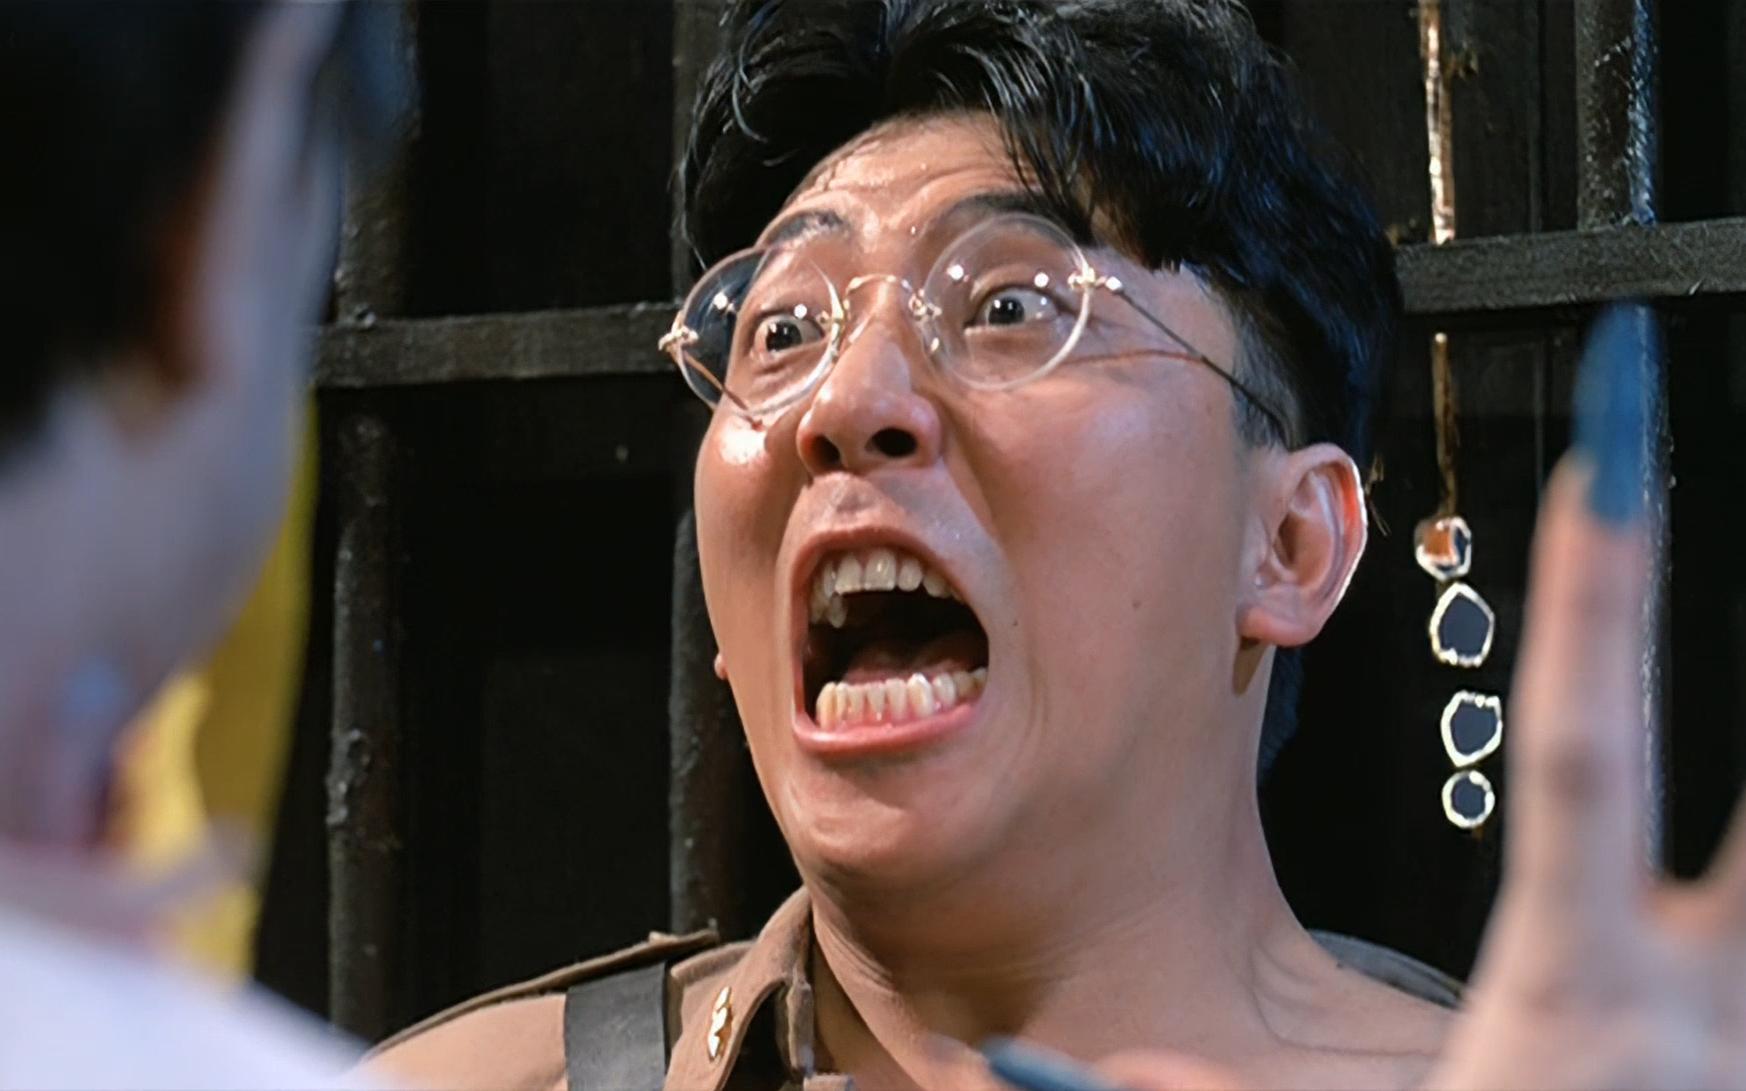 【DVD1080p修复】开门啊!我是你地亲爱的队长威哥啊!